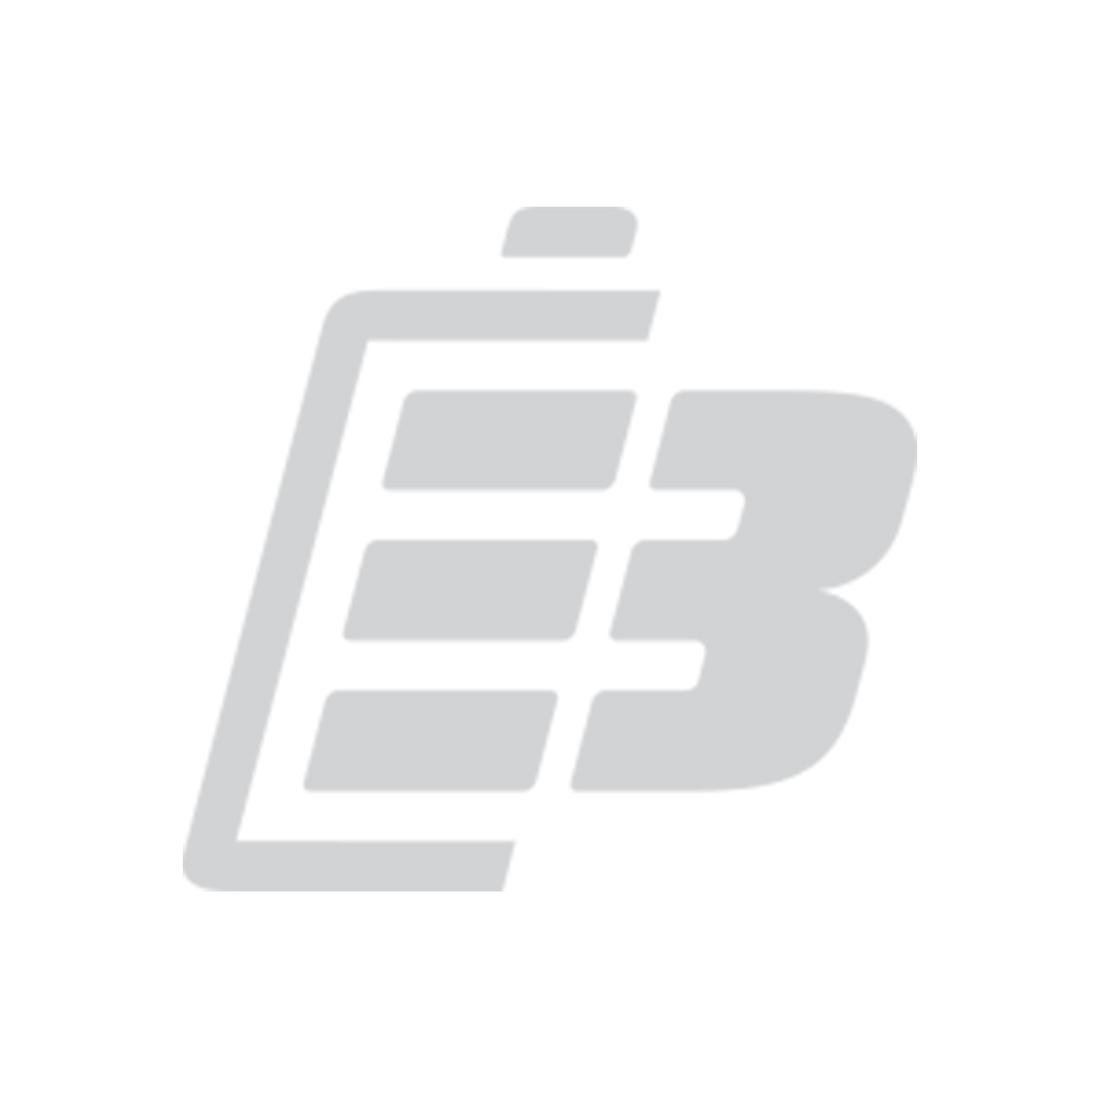 Μπαταρία barcode scanner Unitech PA960_1